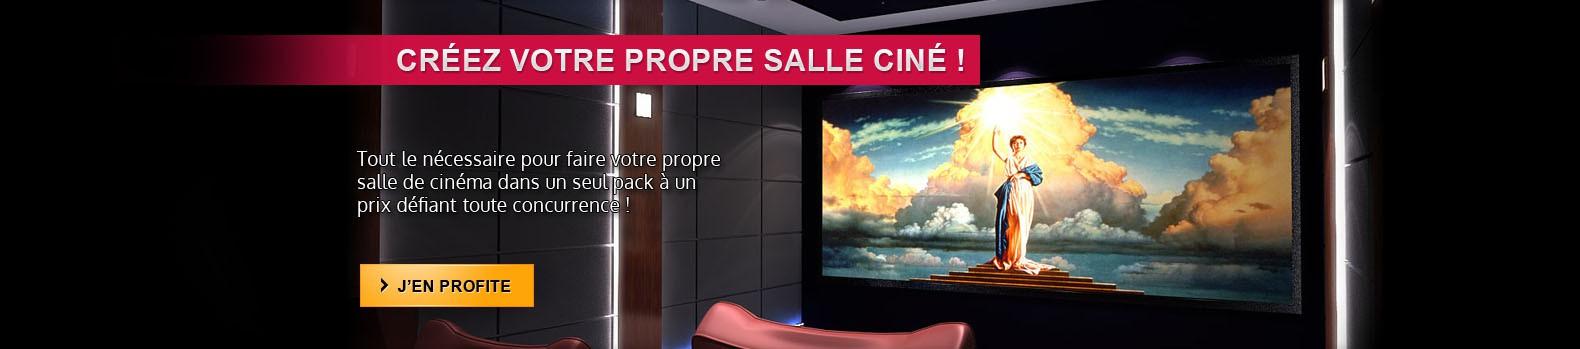 Grâce à notre kit, concevez votre propre salle de cinéma chez vous !